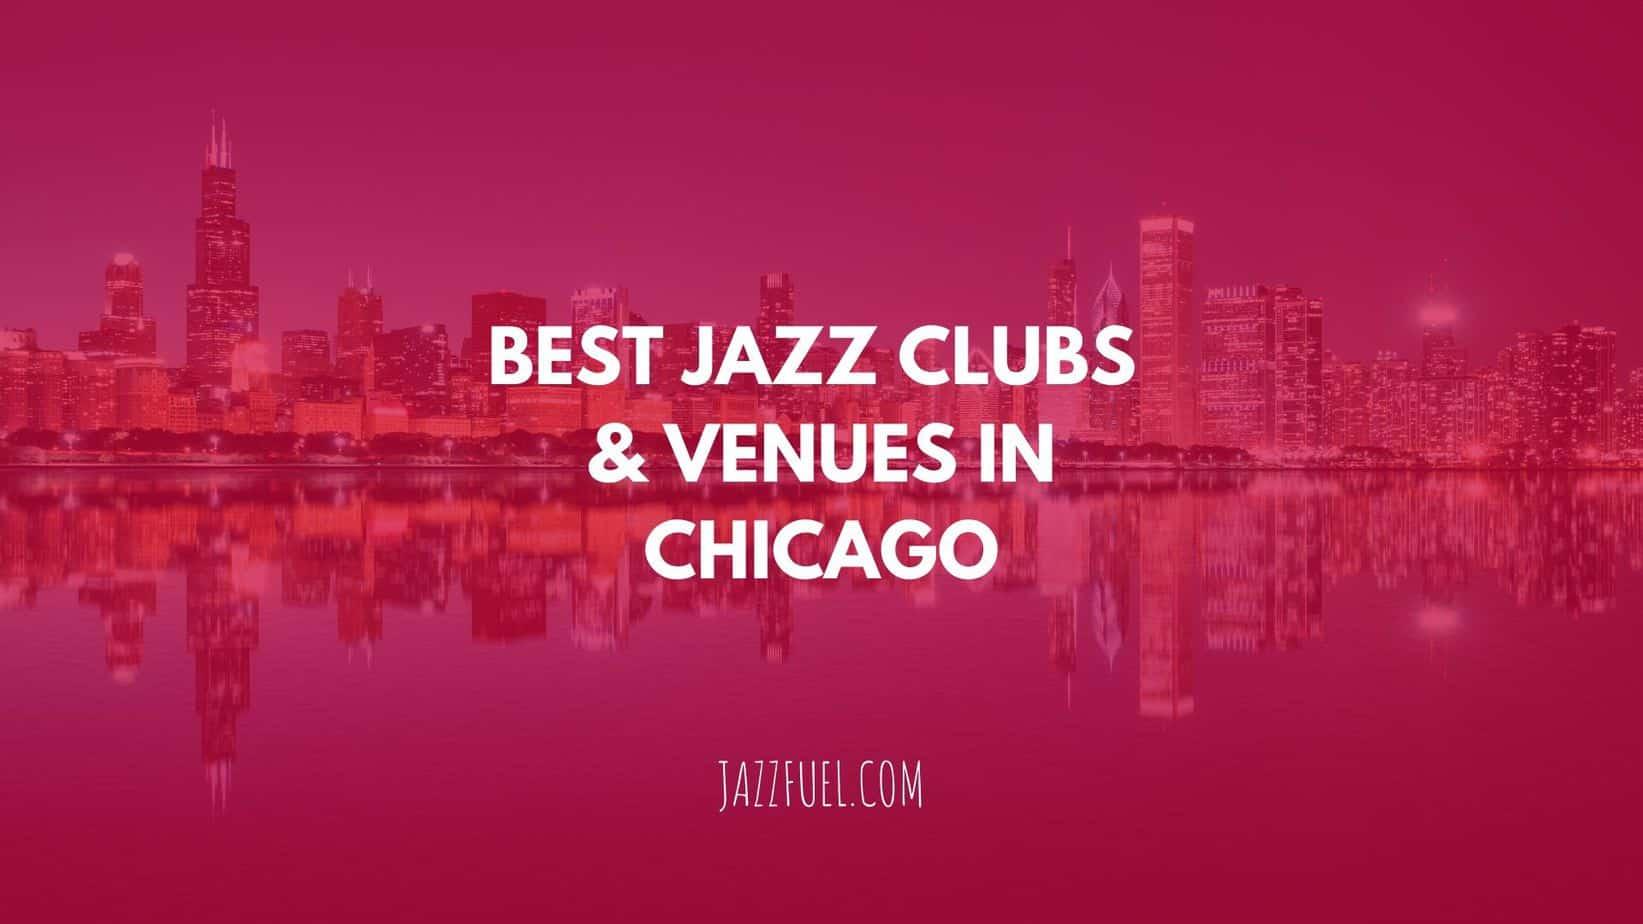 Chicago jazz clubs